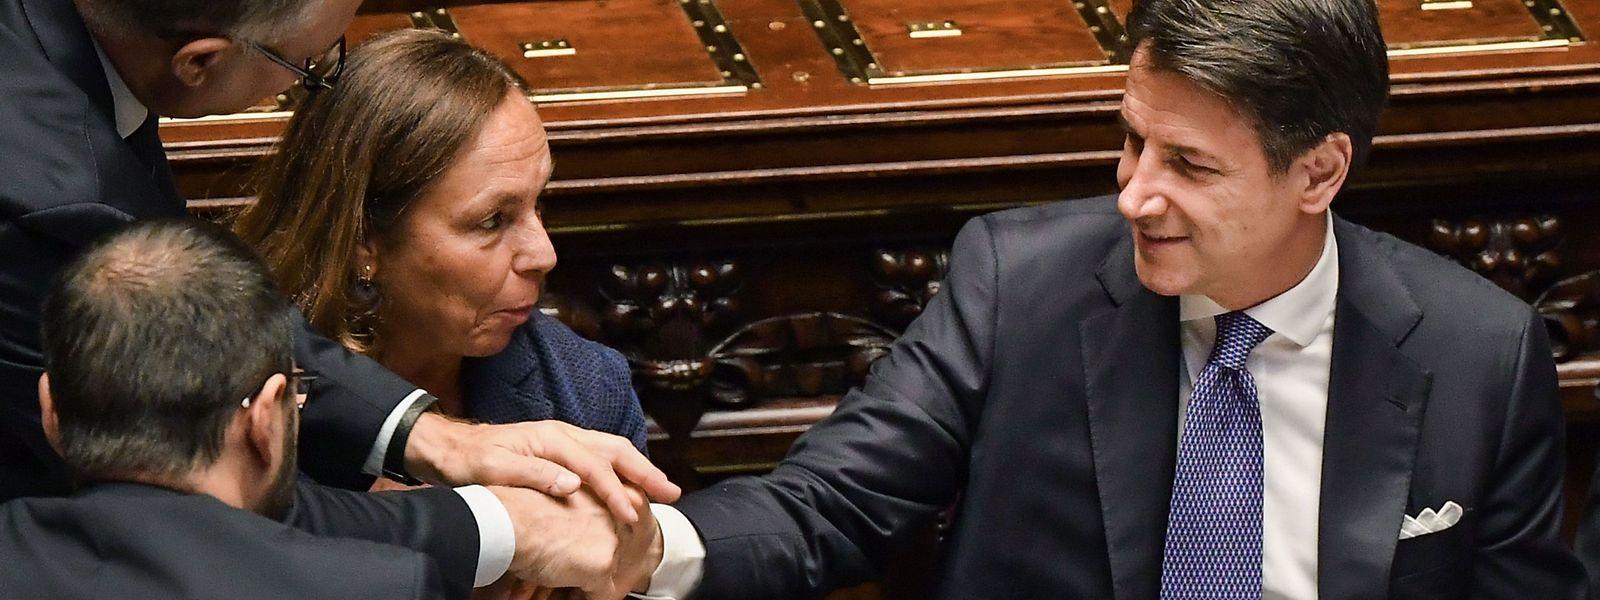 Le premier ministre Giuseppe Conte, serein avant d'intervenir devant les parlementaires ce lundi.